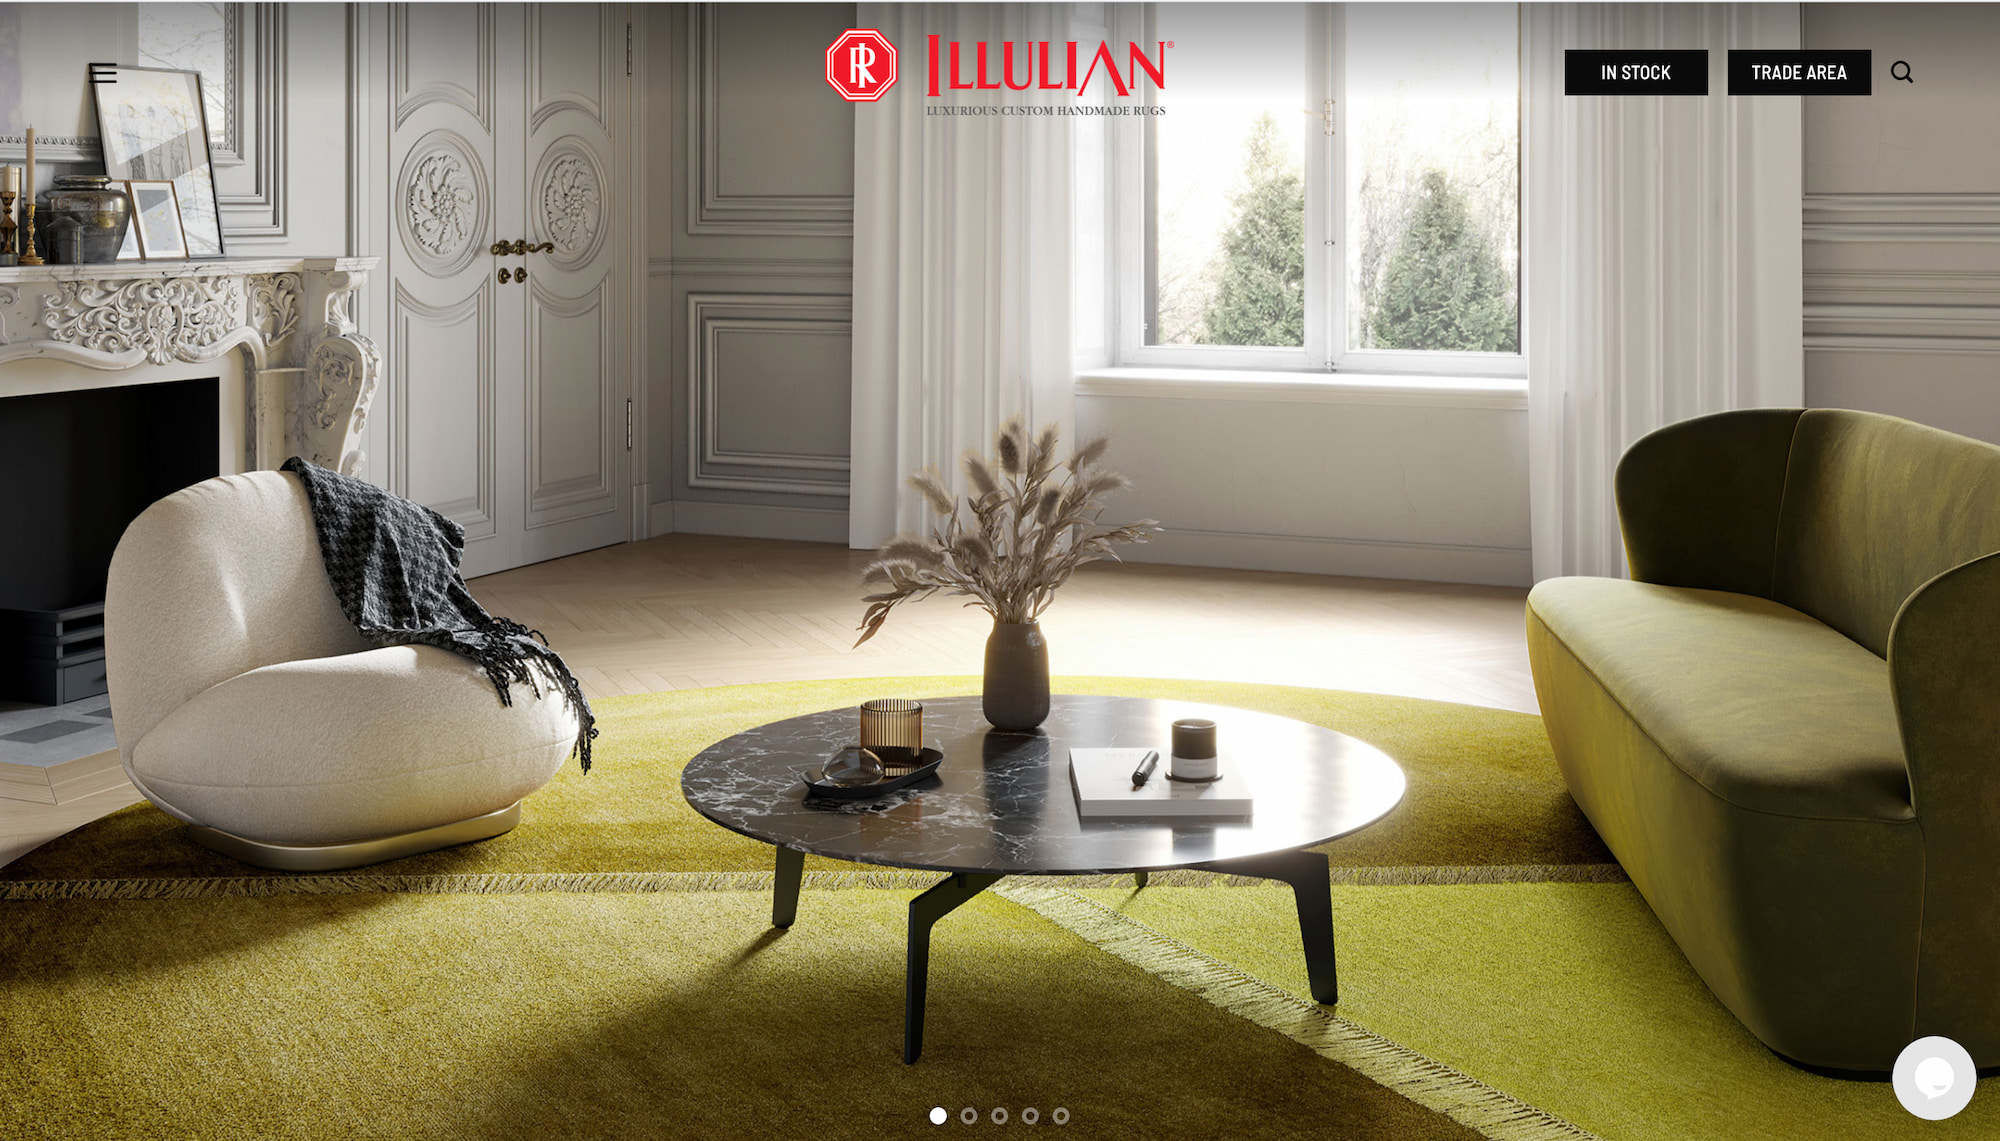 Illulian homepage